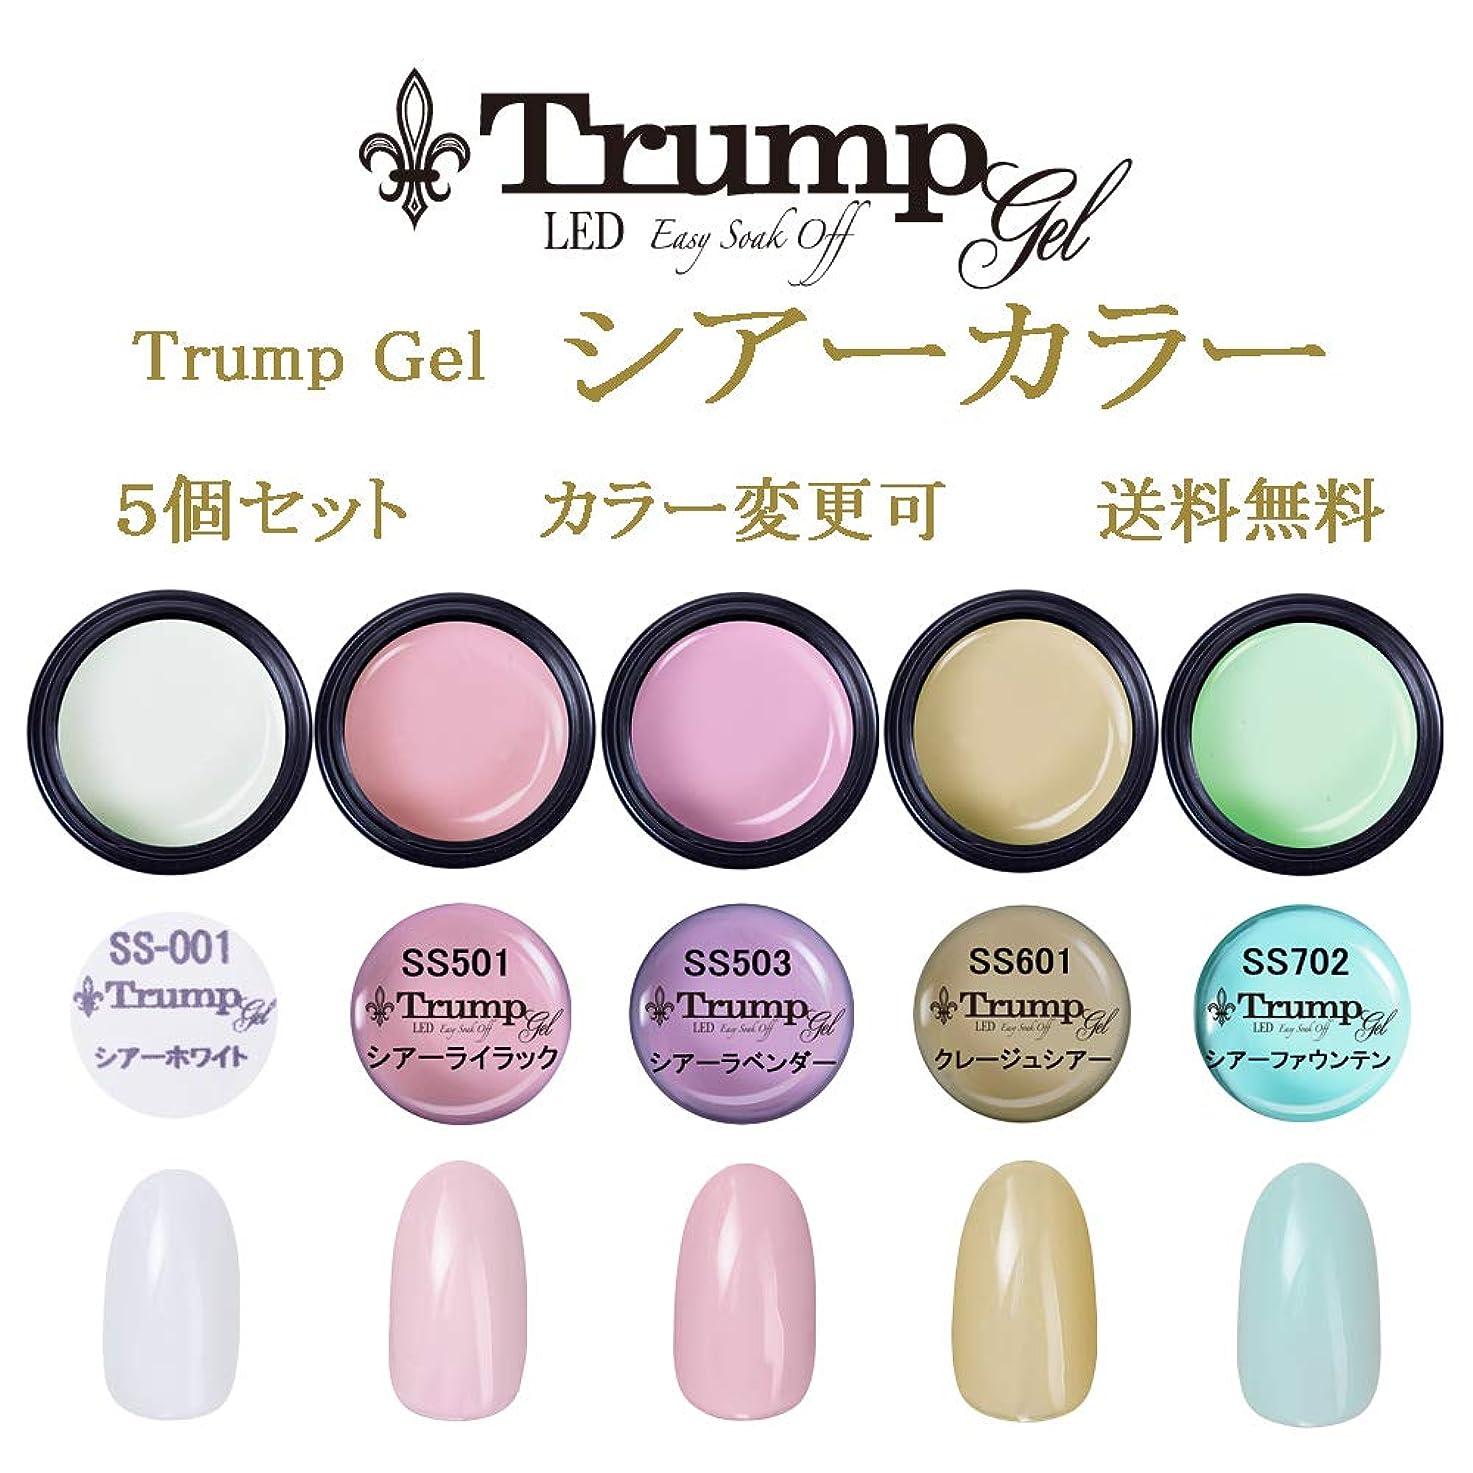 物質キロメートル鉄道日本製 Trump gel トランプジェル シアー カラージェル 選べる 5個セット ホワイト ピンク パープル イエロー ブルー